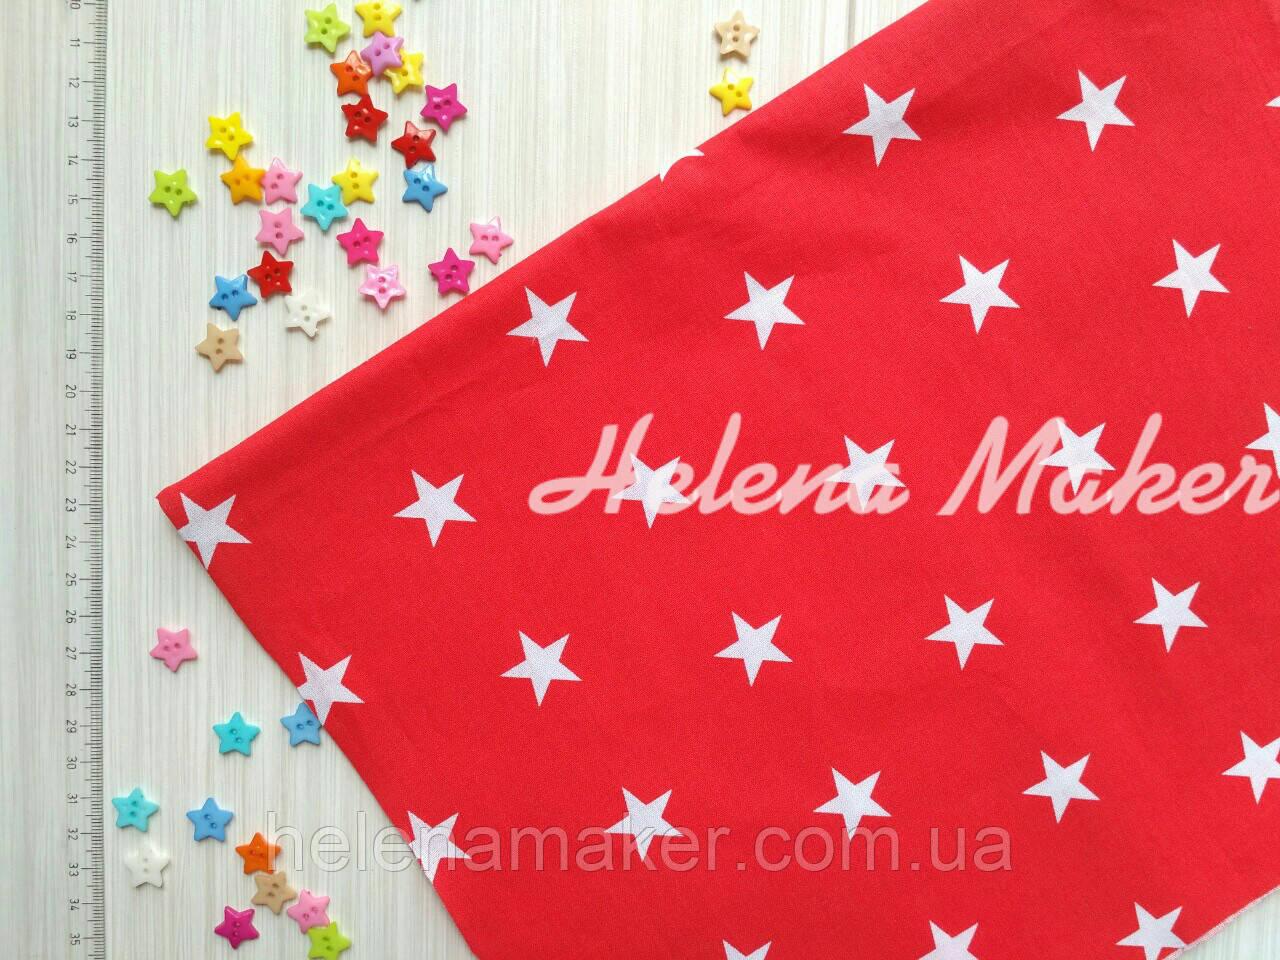 Відріз тканини червоний в білу звездчку 55*60 см